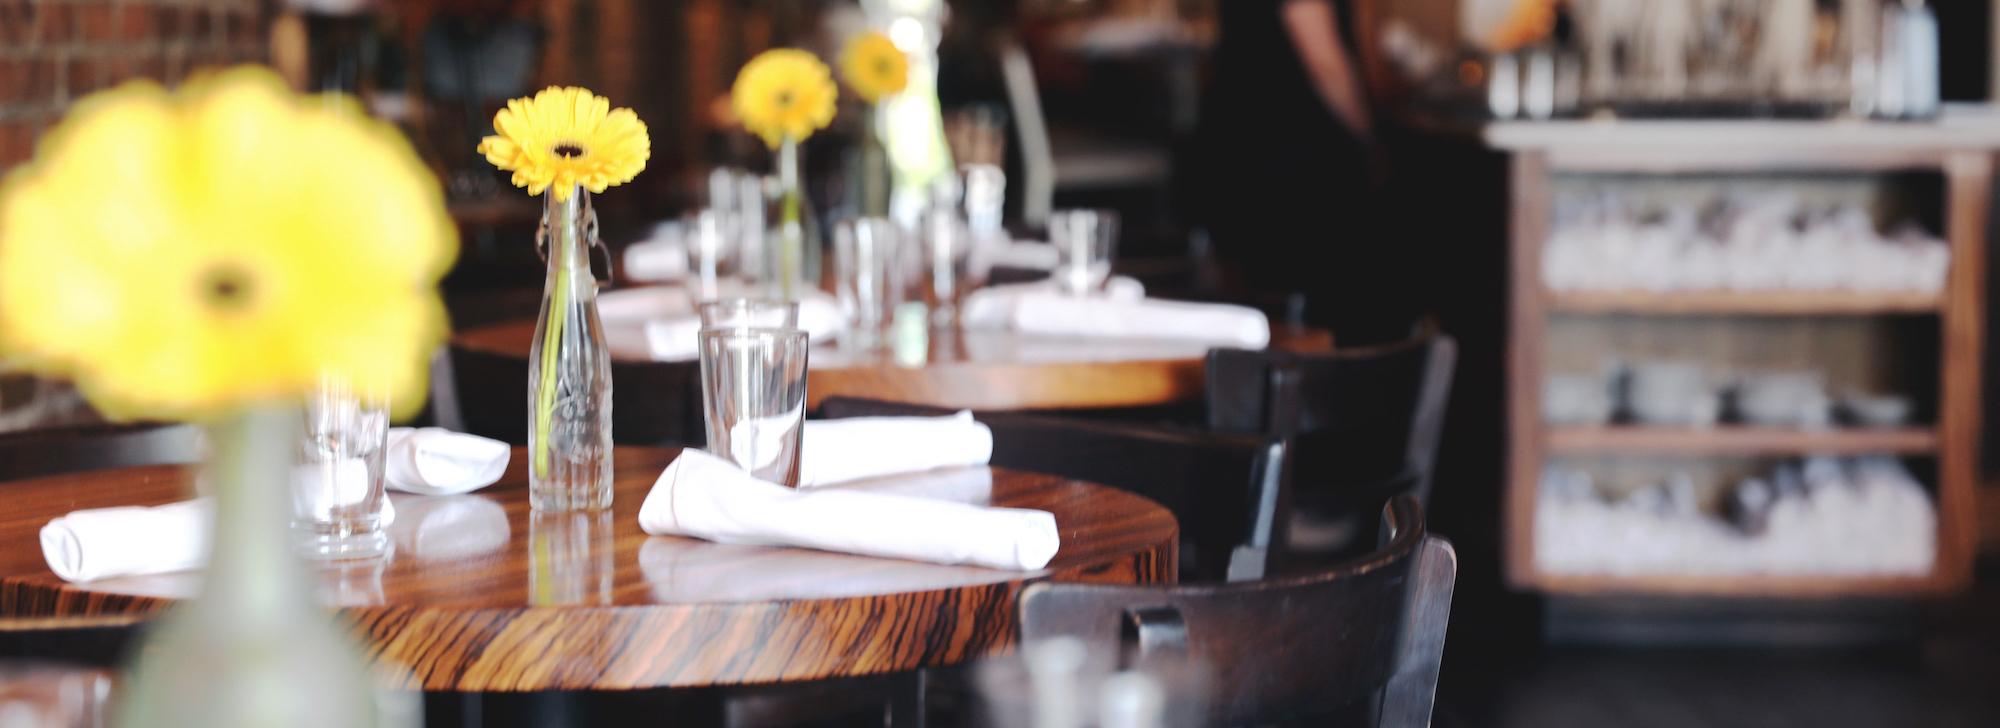 RestaurantScenes_03.JPG